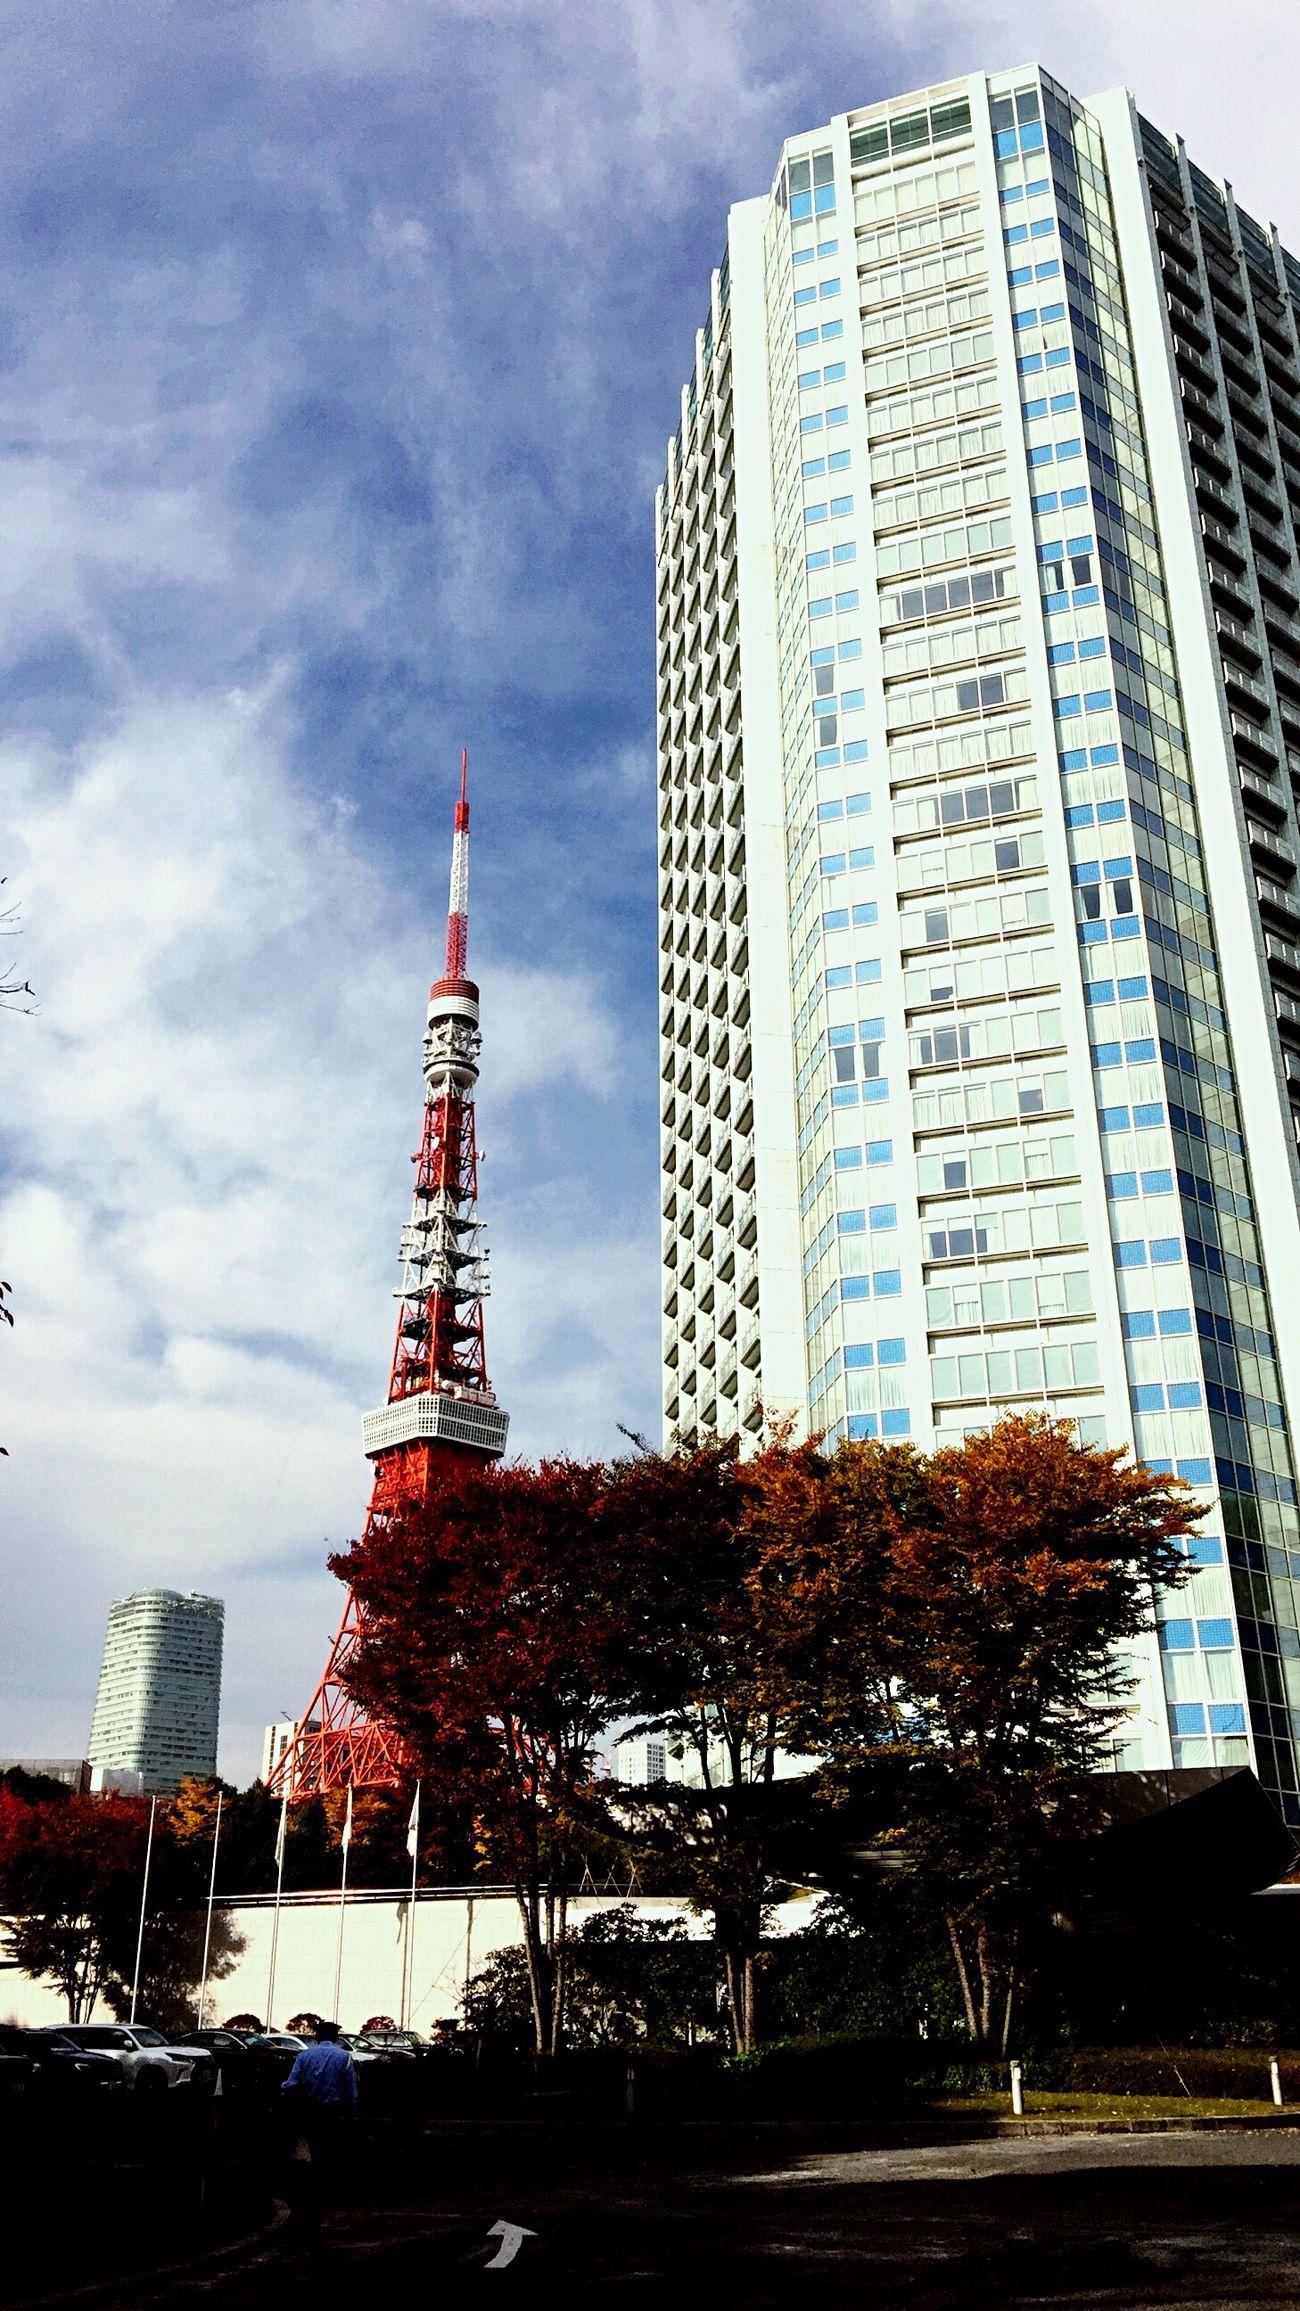 東京タワー Sky City Building Exterior Day Tokyo,Japan